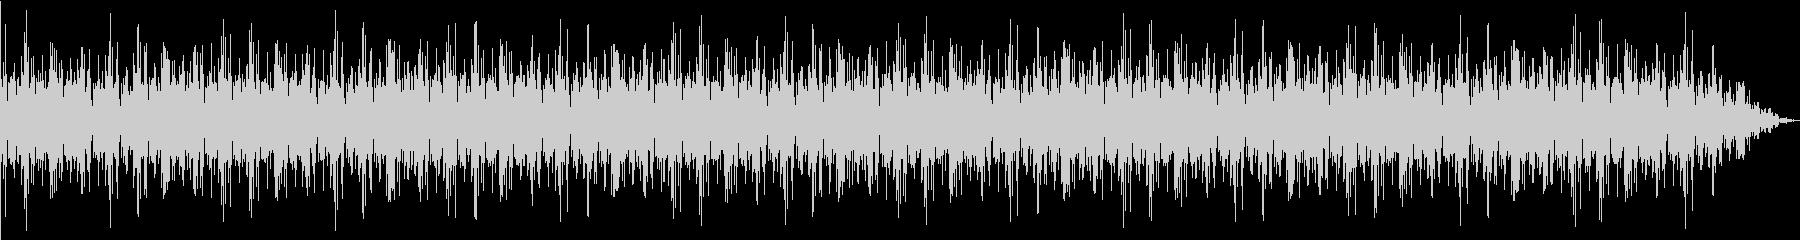 【ミステリアス】エレクトリックなBGMの未再生の波形